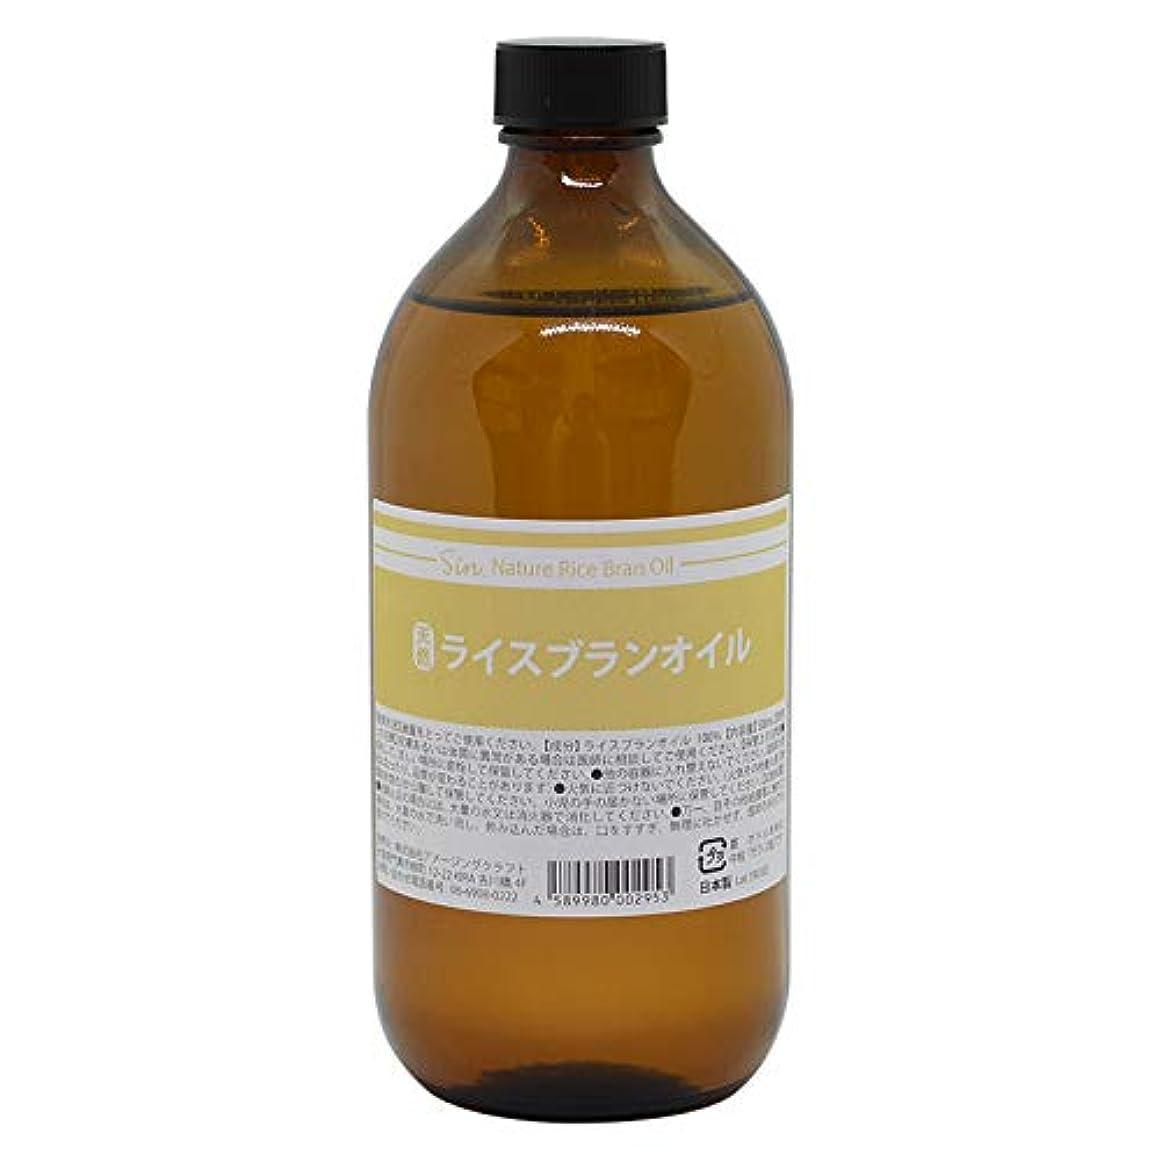 発症滅びる評決天然無添加 国内精製 ライスブランオイル 500ml ライスオイル